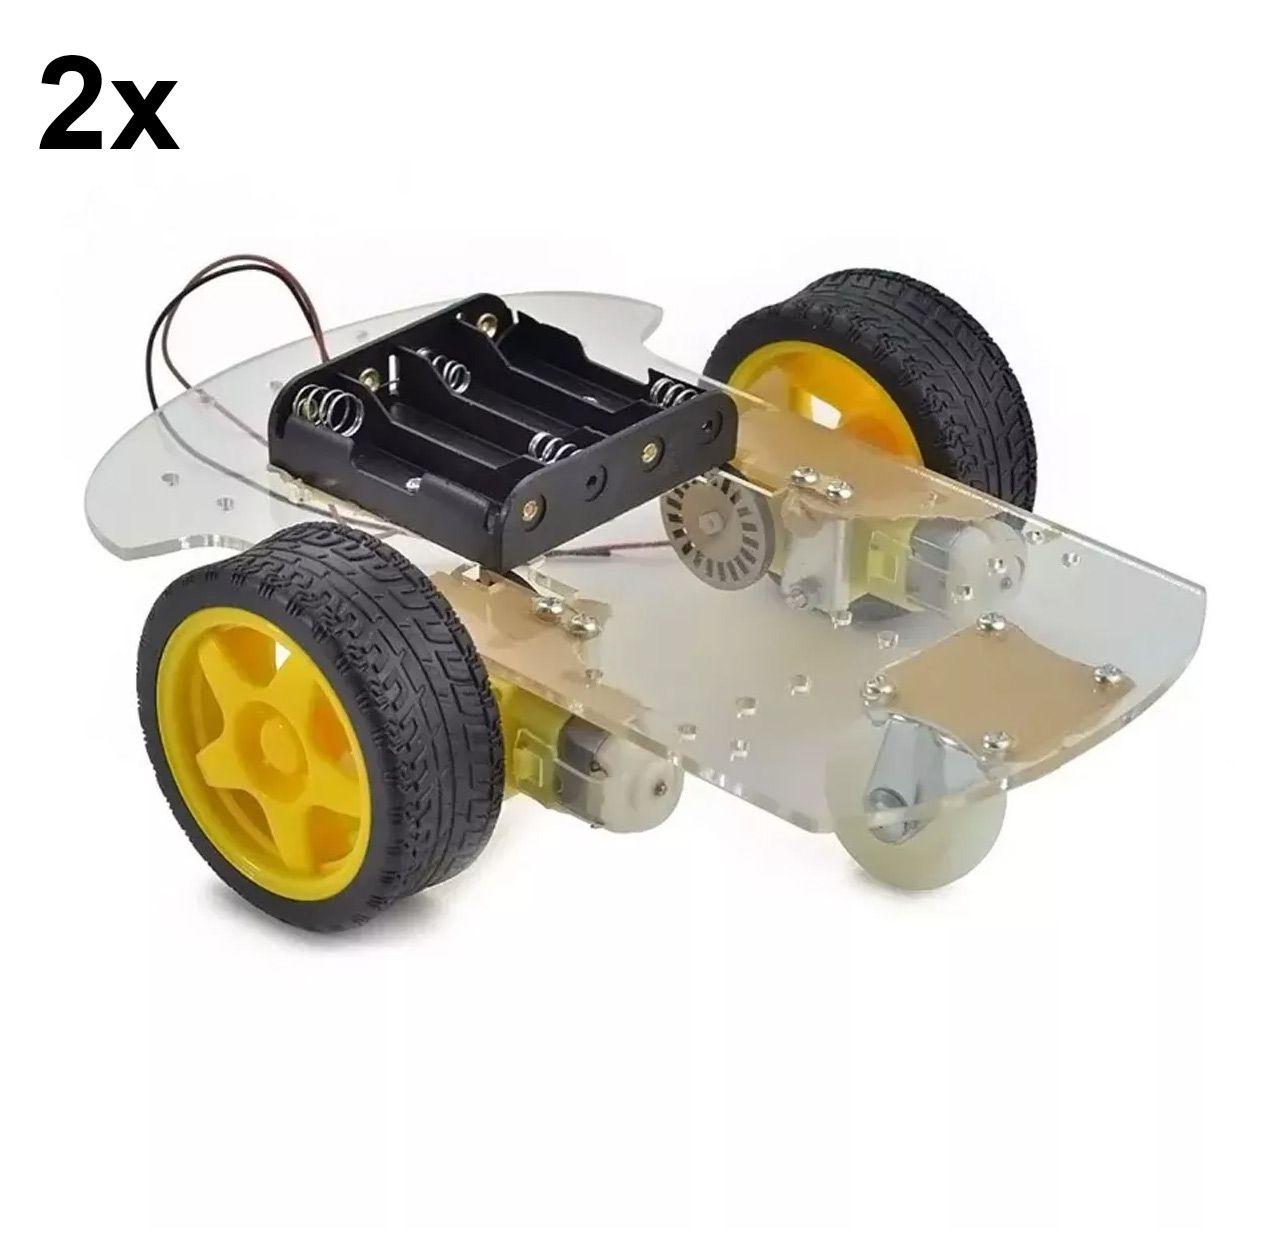 2x Kits Chassi com 2 Rodas para Robótica / Robô Projeto Arduino Carro Pi